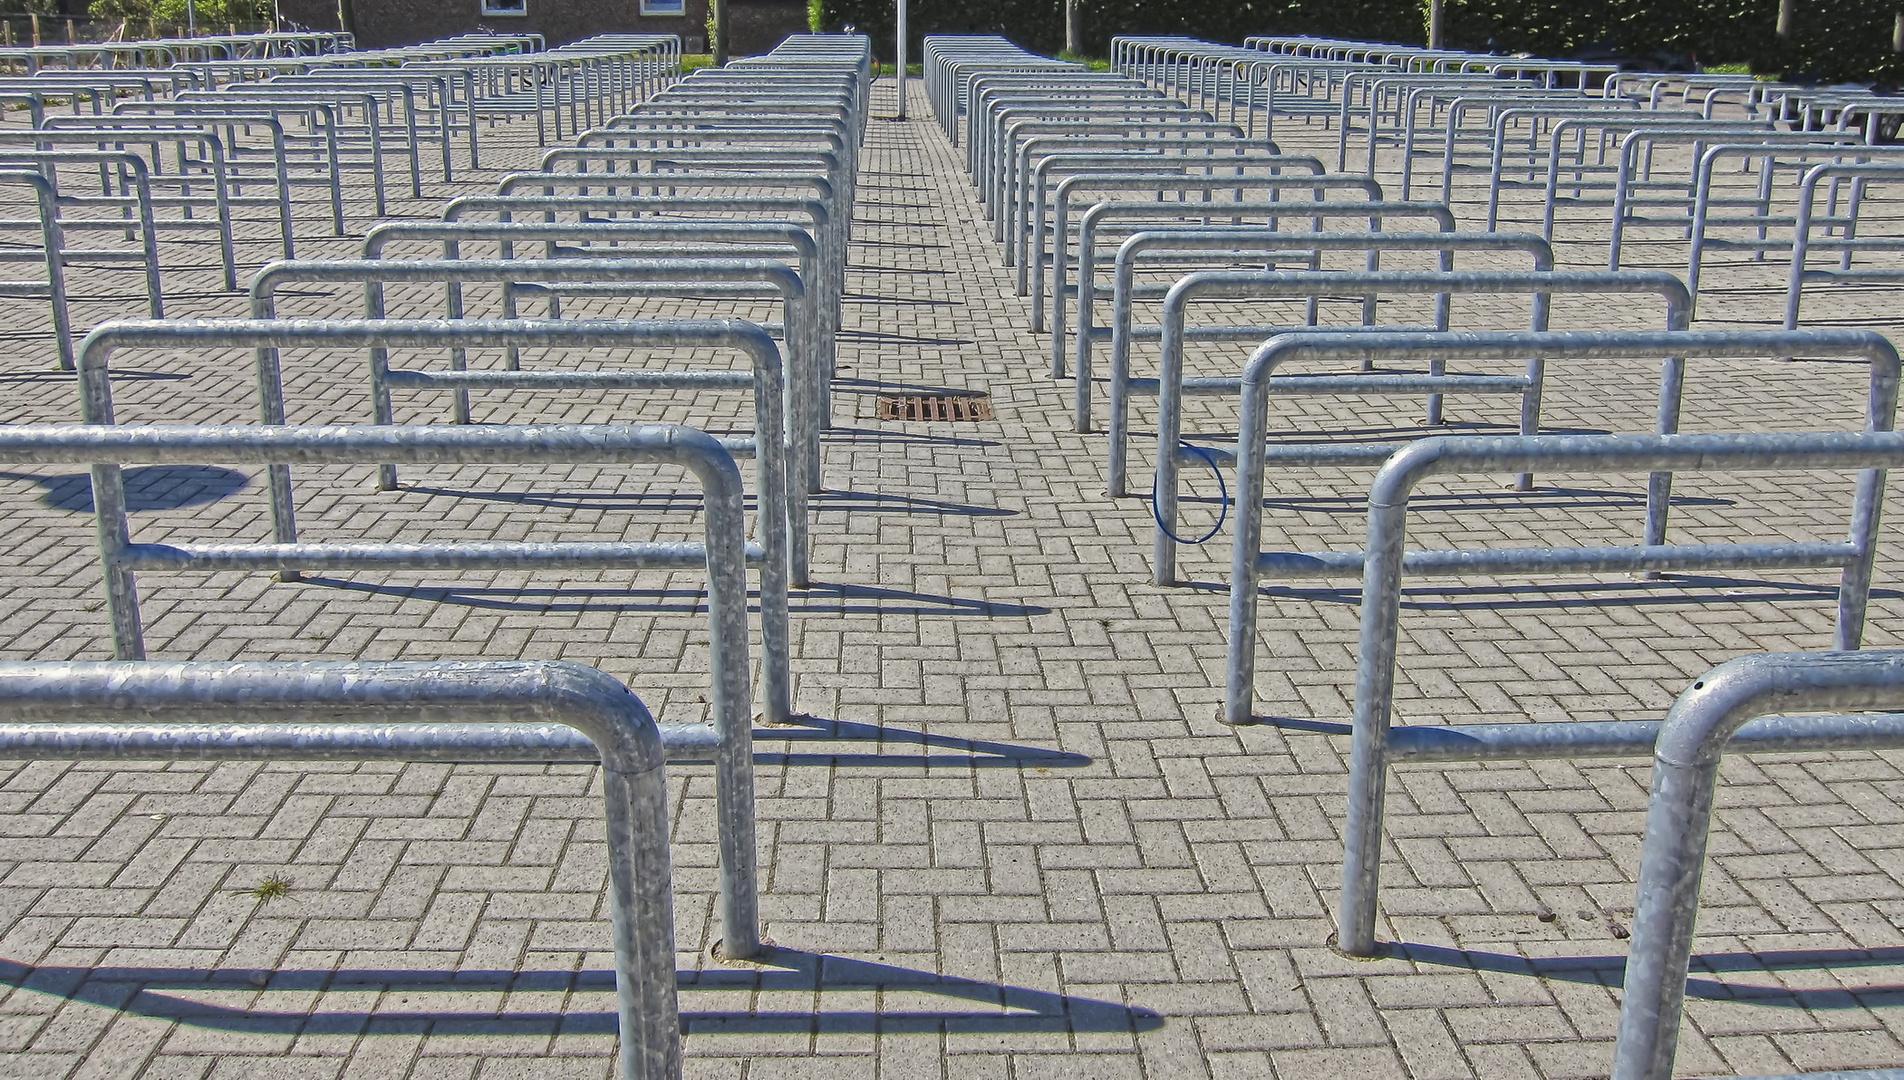 Radparkplatz